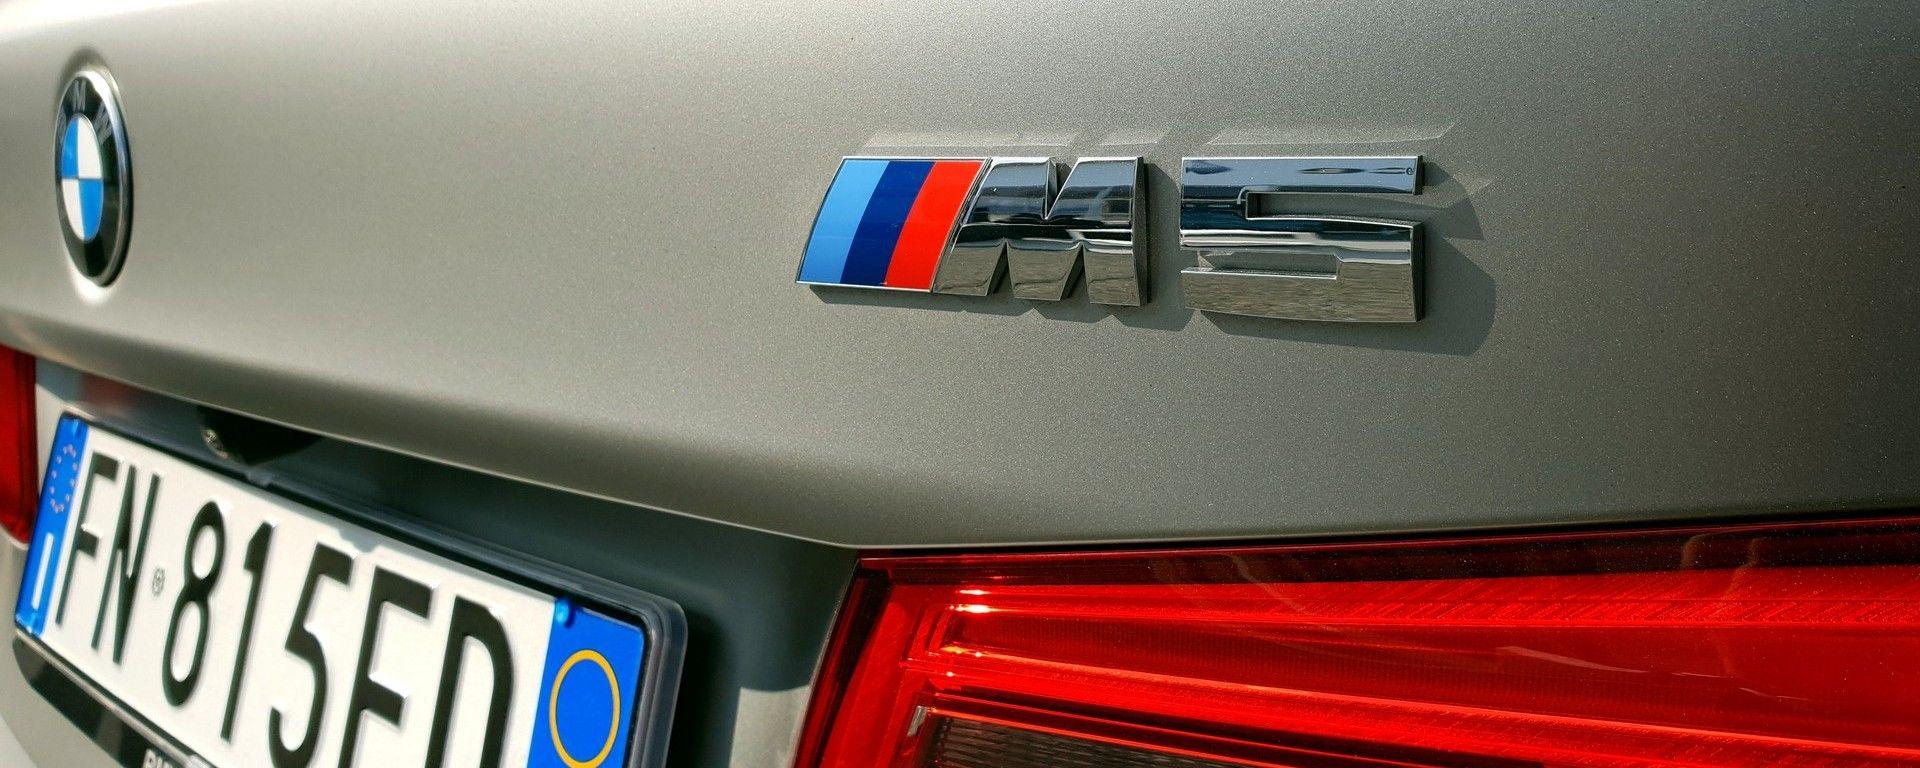 Samsung Galaxy S9: dettaglio della nuova BMW M5